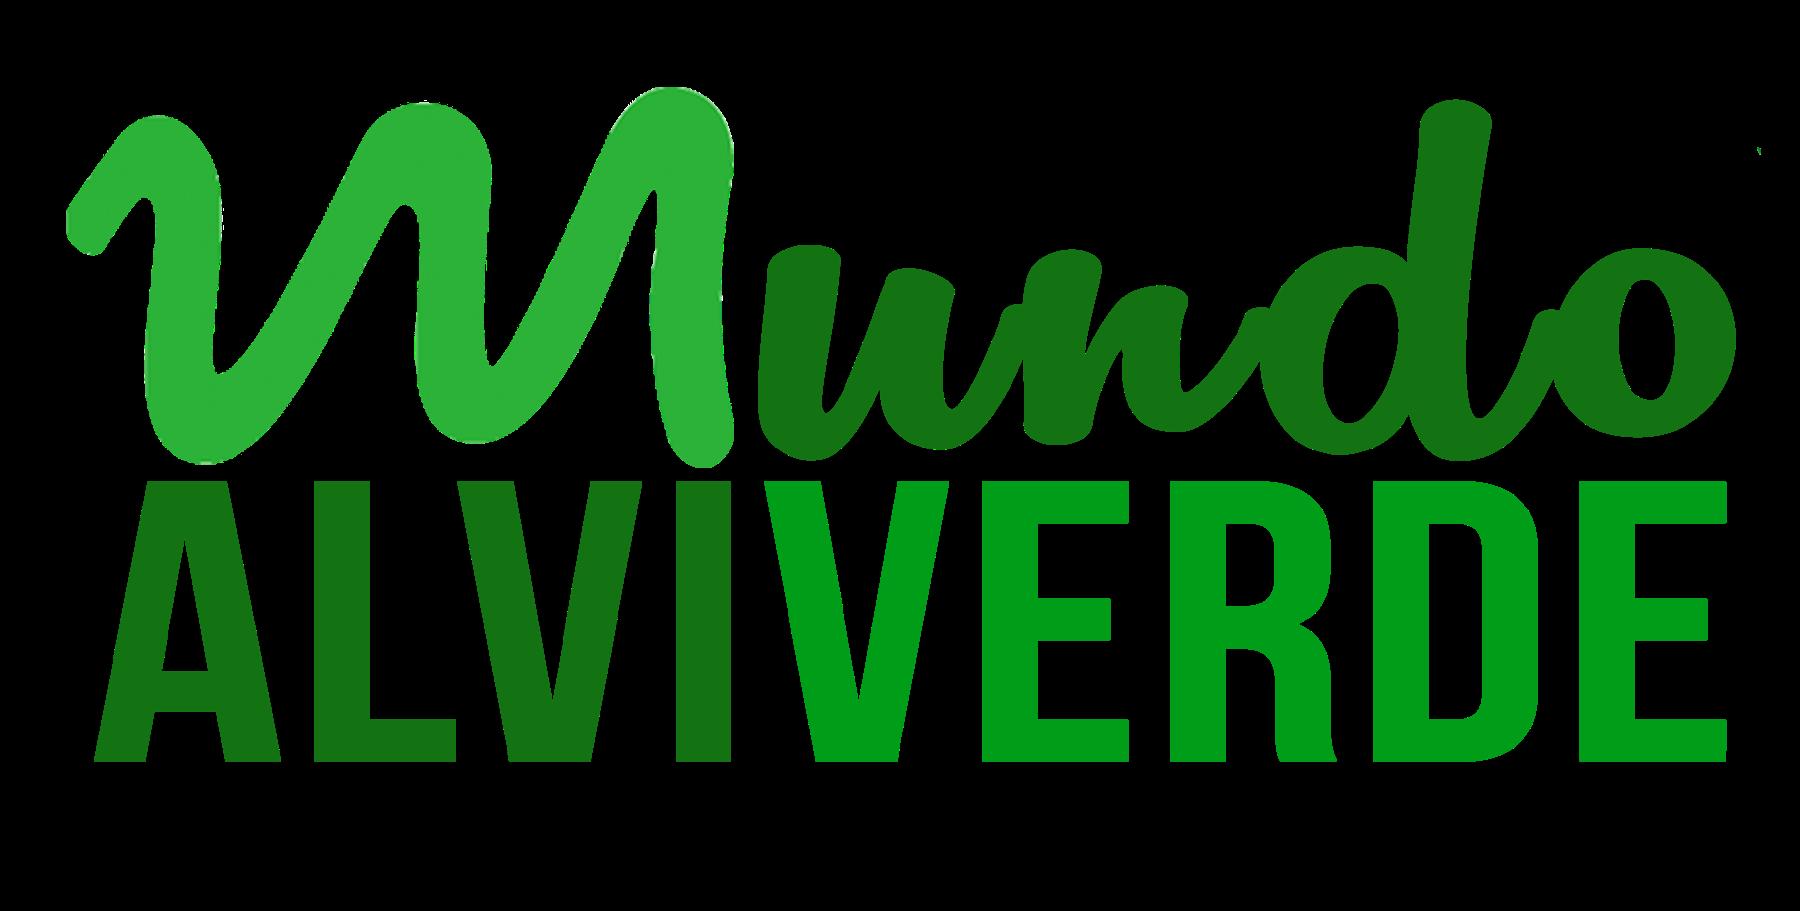 Mundo Alviverde  5b2c5367044ac